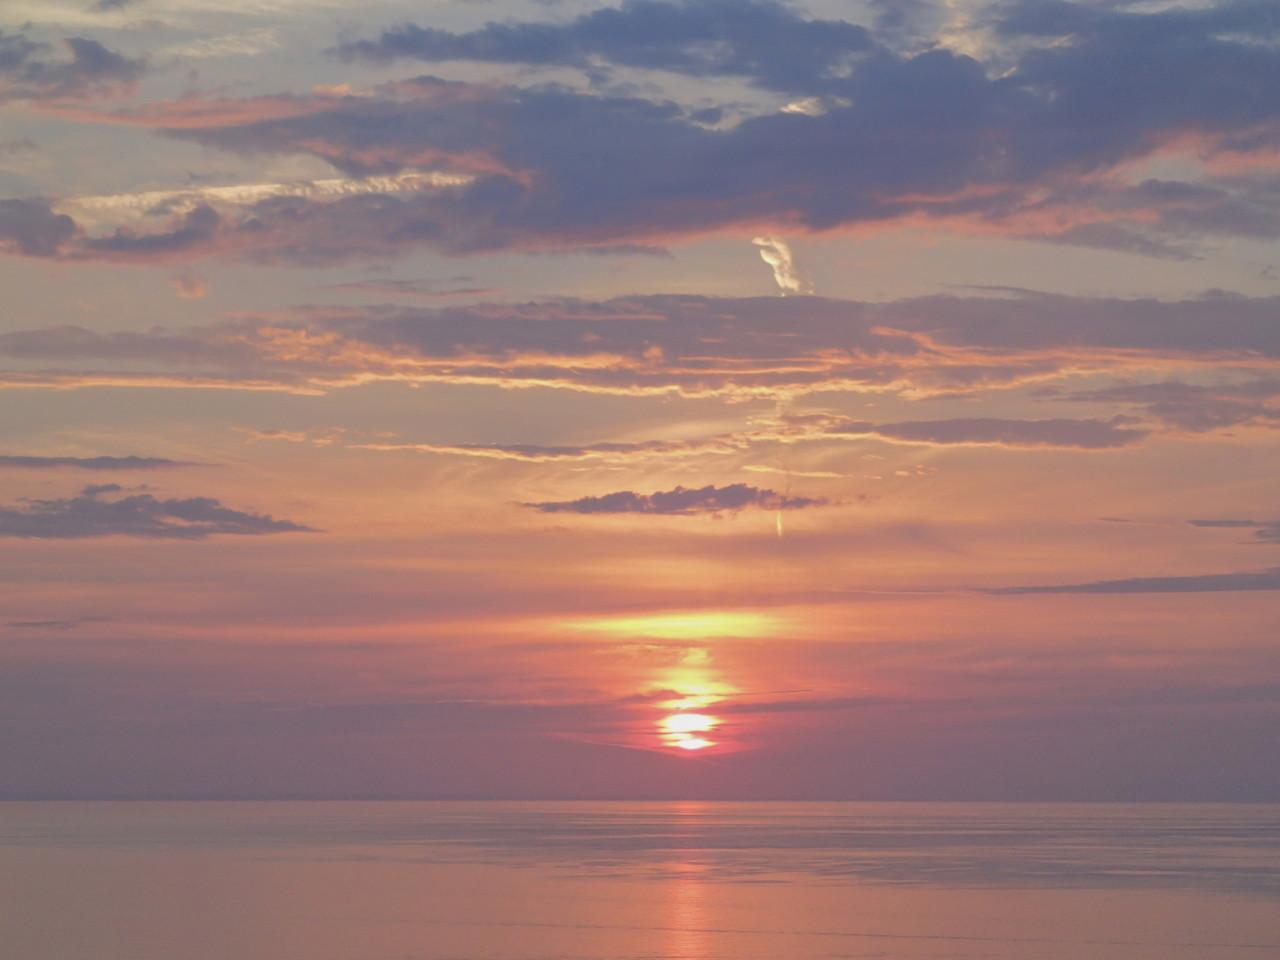 Sonnenaufgang - und das aus Balkonsicht!